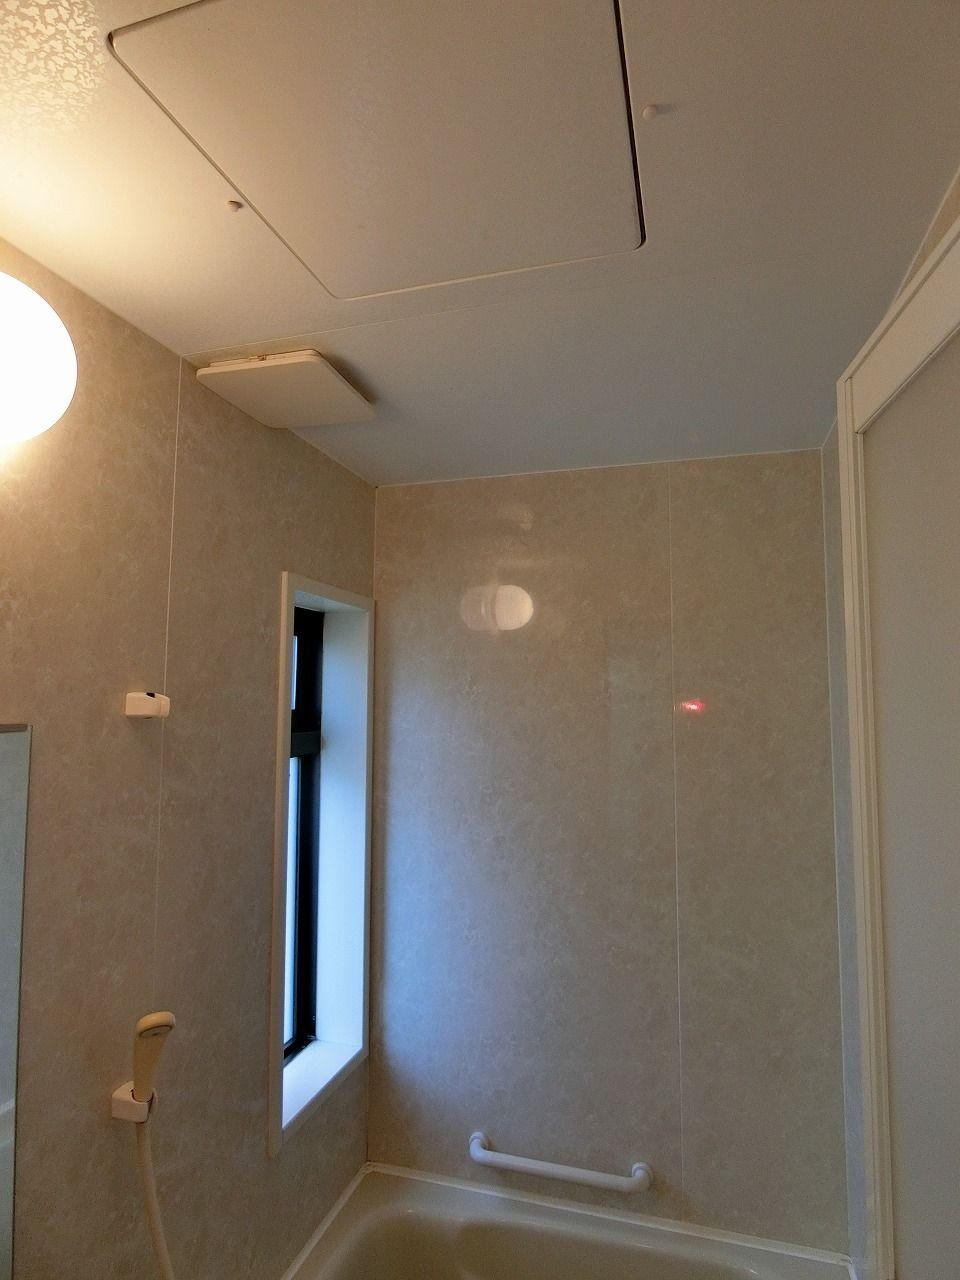 「パークテラスあざみ野」E棟の浴室の様子です。浴室の天井部分です。